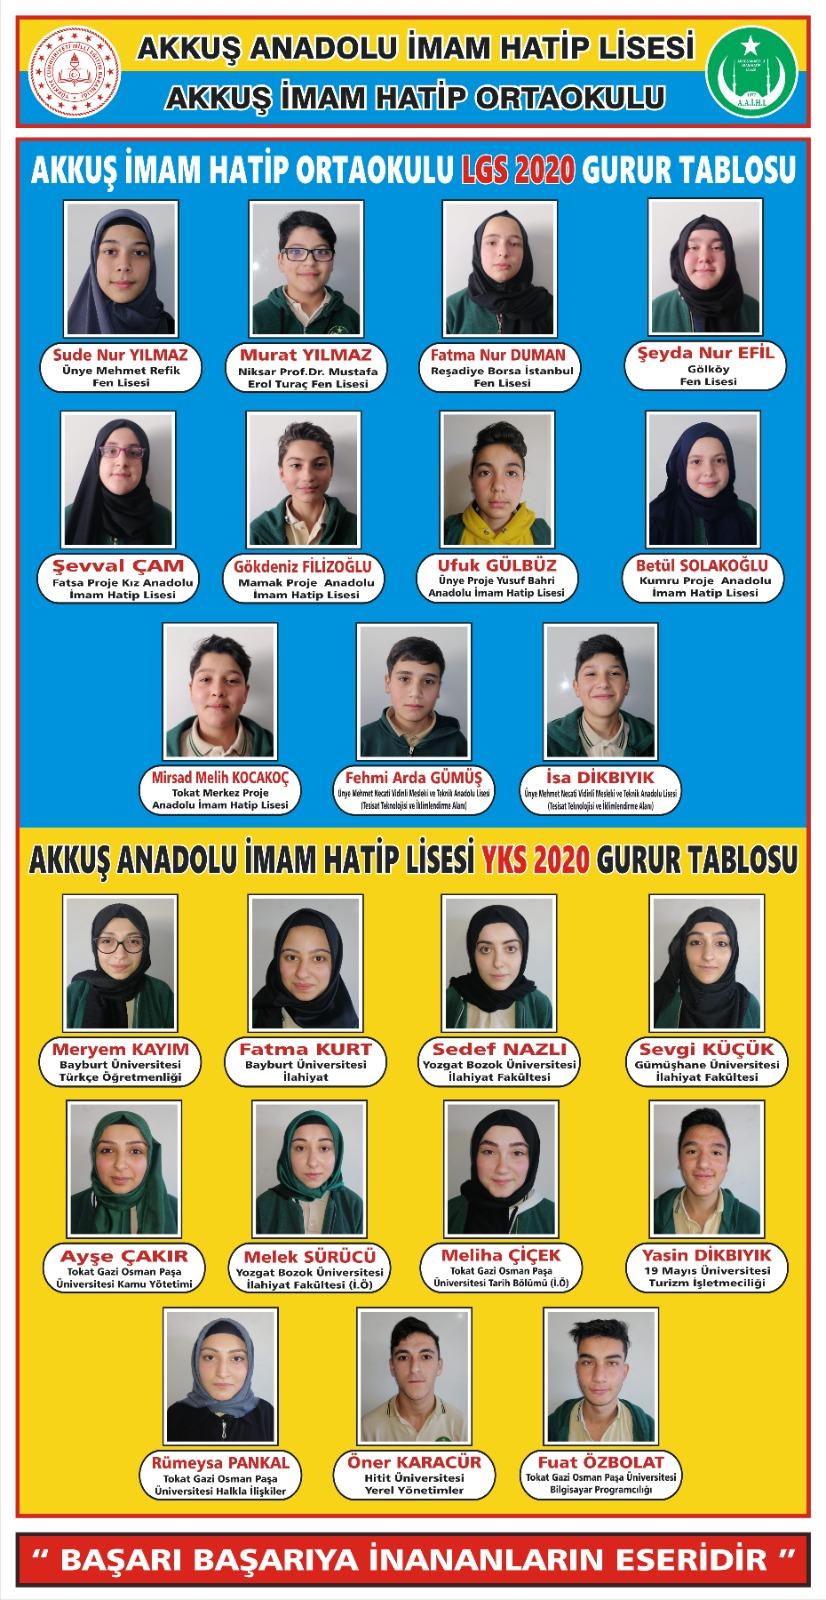 Akkuş Anadolu İmam Hatip Lisesi ve İmam Hatip Ortaokulu LGS ve YKS Sınavlarında Büyük Başarı Elde Etti.